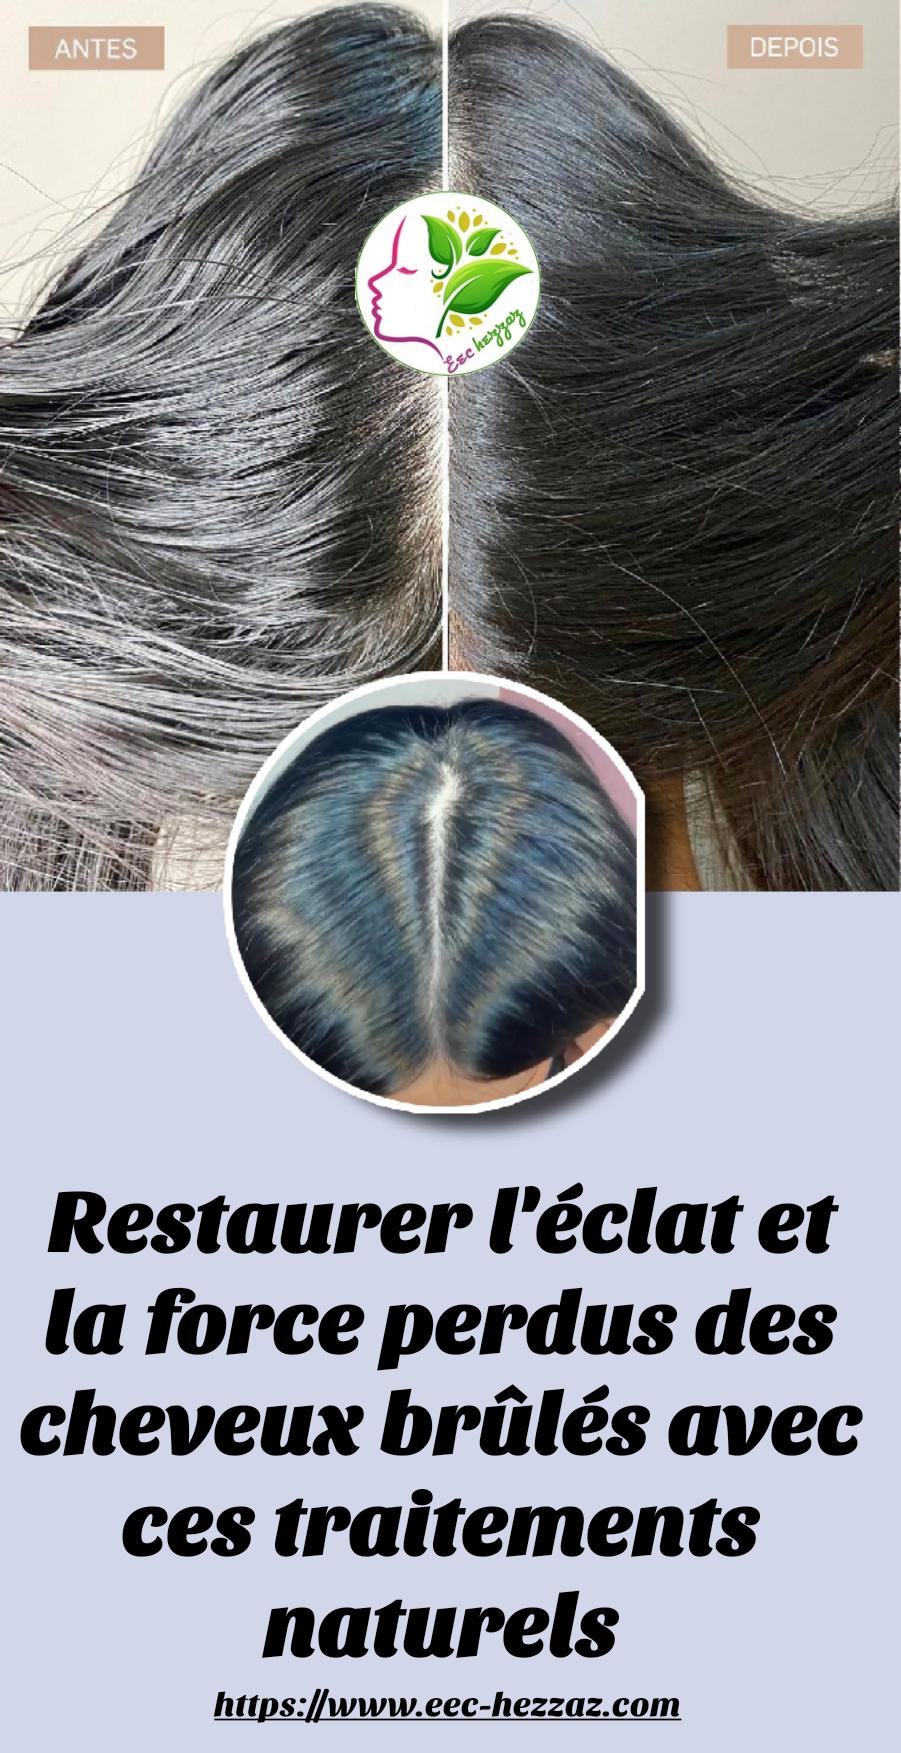 Restaurer l'éclat et la force perdus des cheveux brûlés avec ces traitements naturels